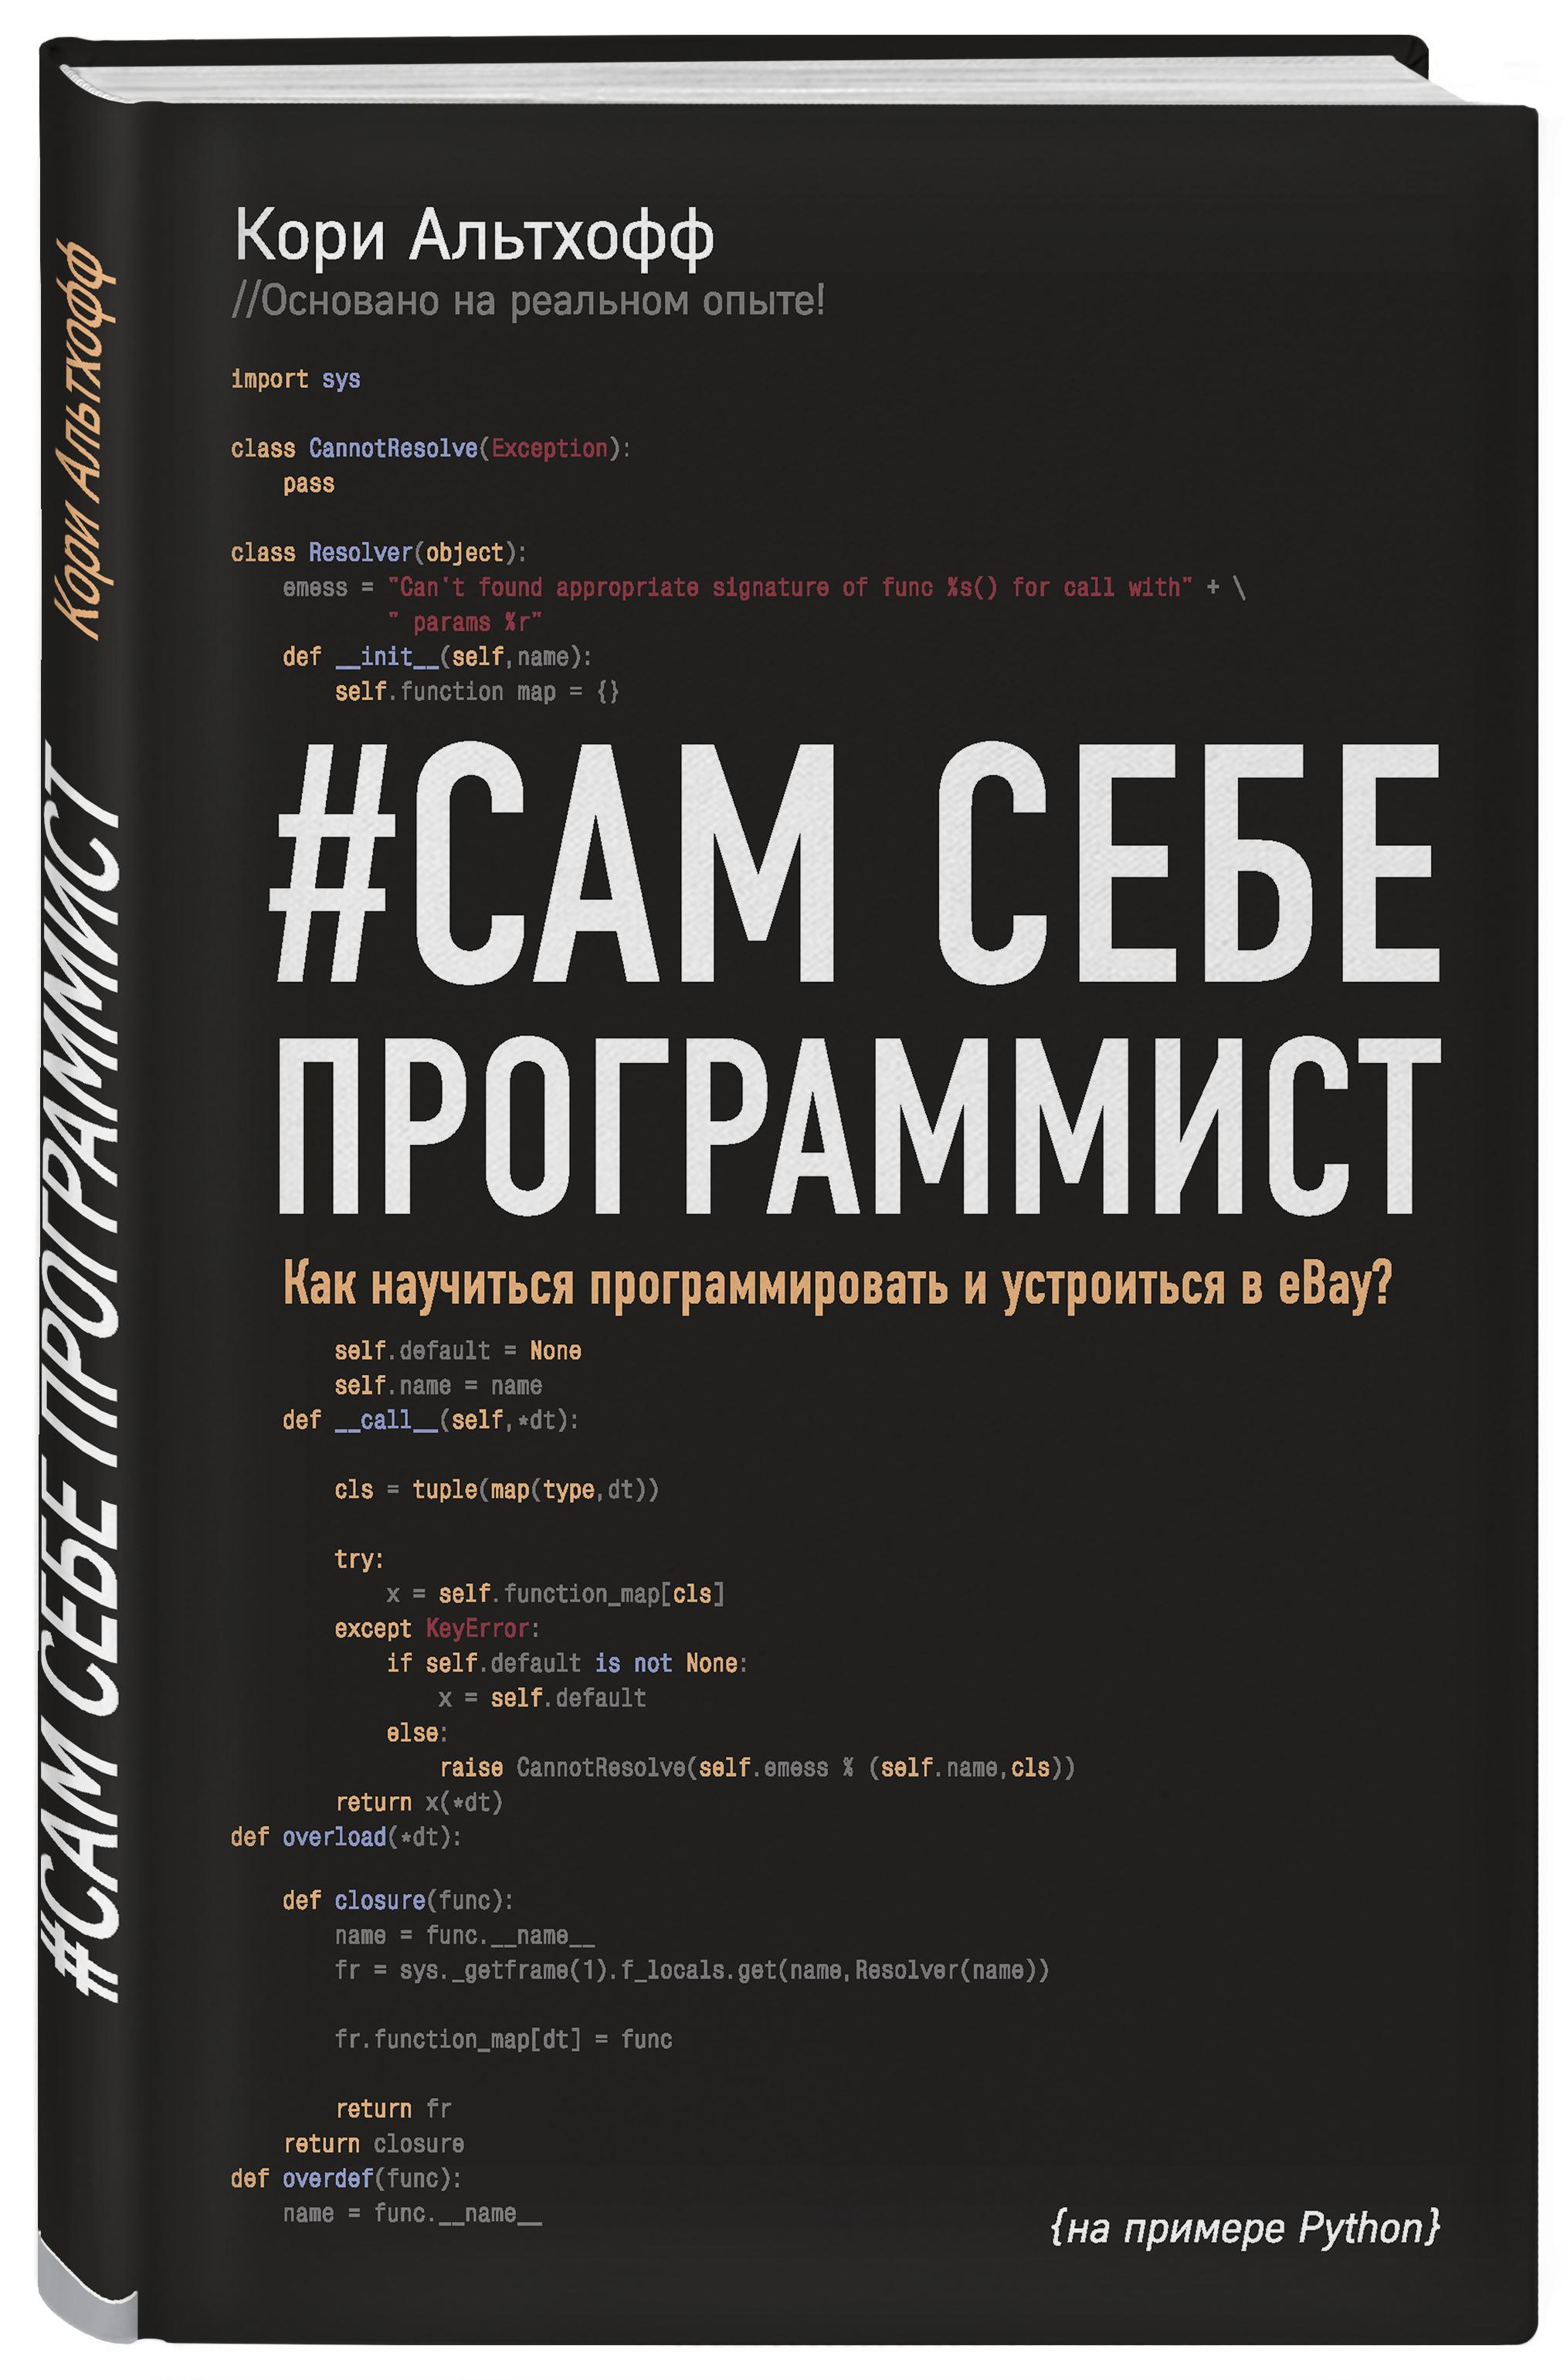 Язык программирования для фрилансера как платят фрилансерам